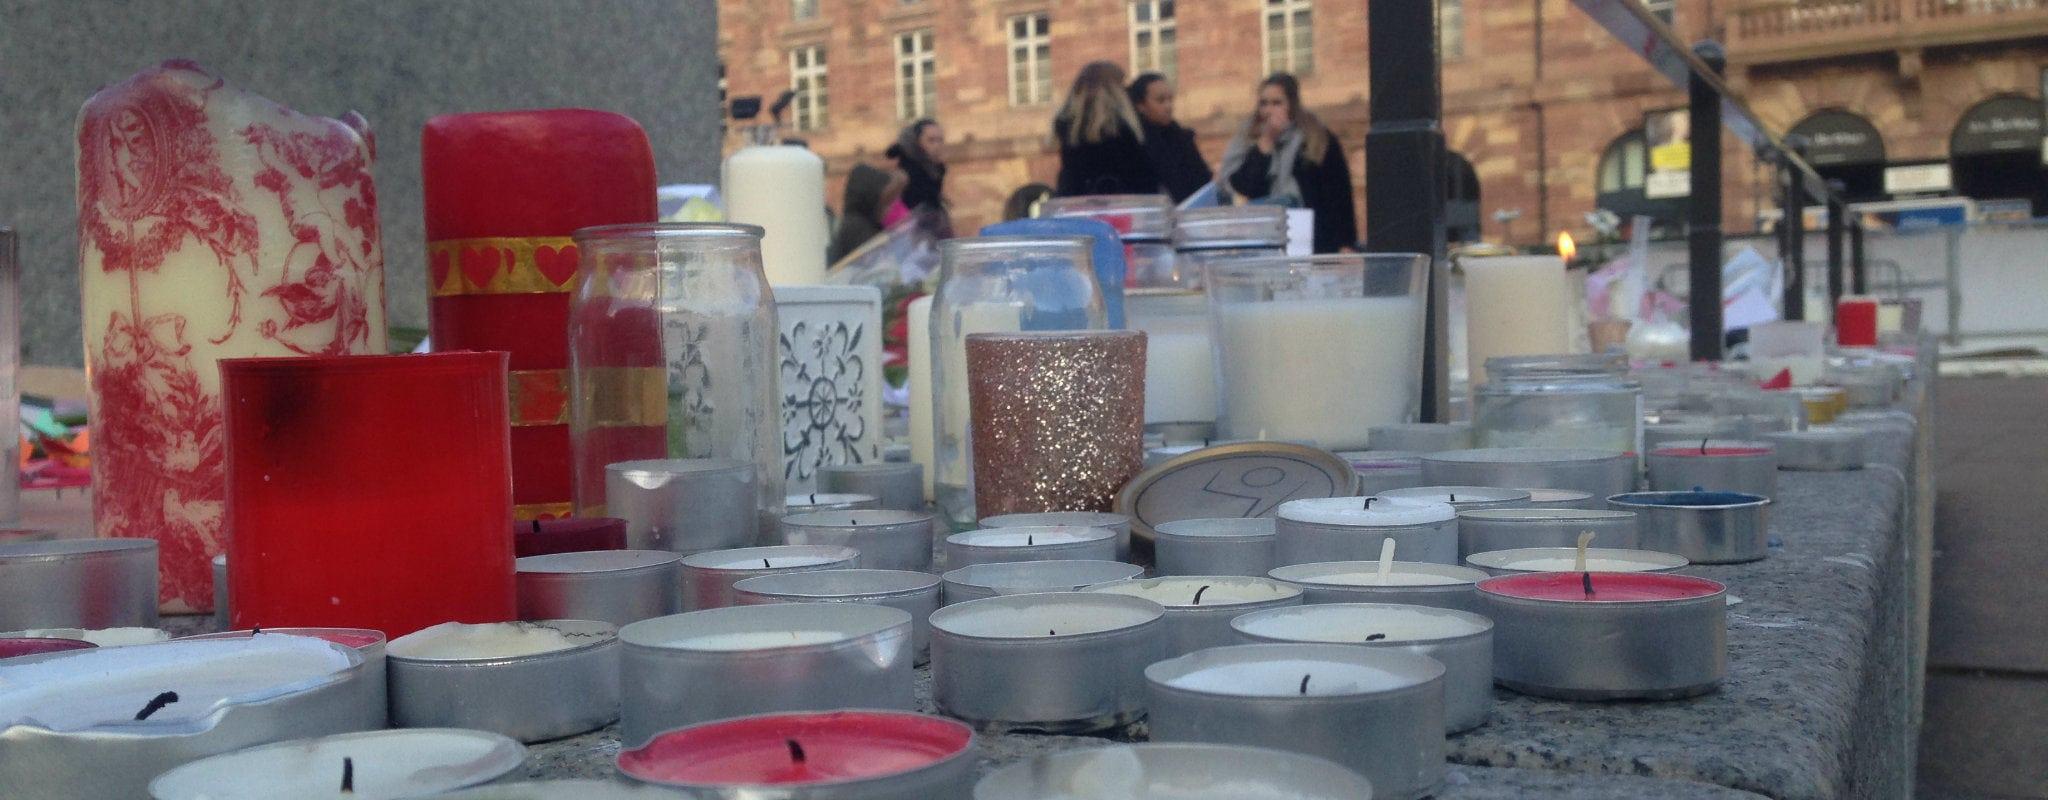 L'hommage solennel aux victimes de l'attaque programmé dimanche matin